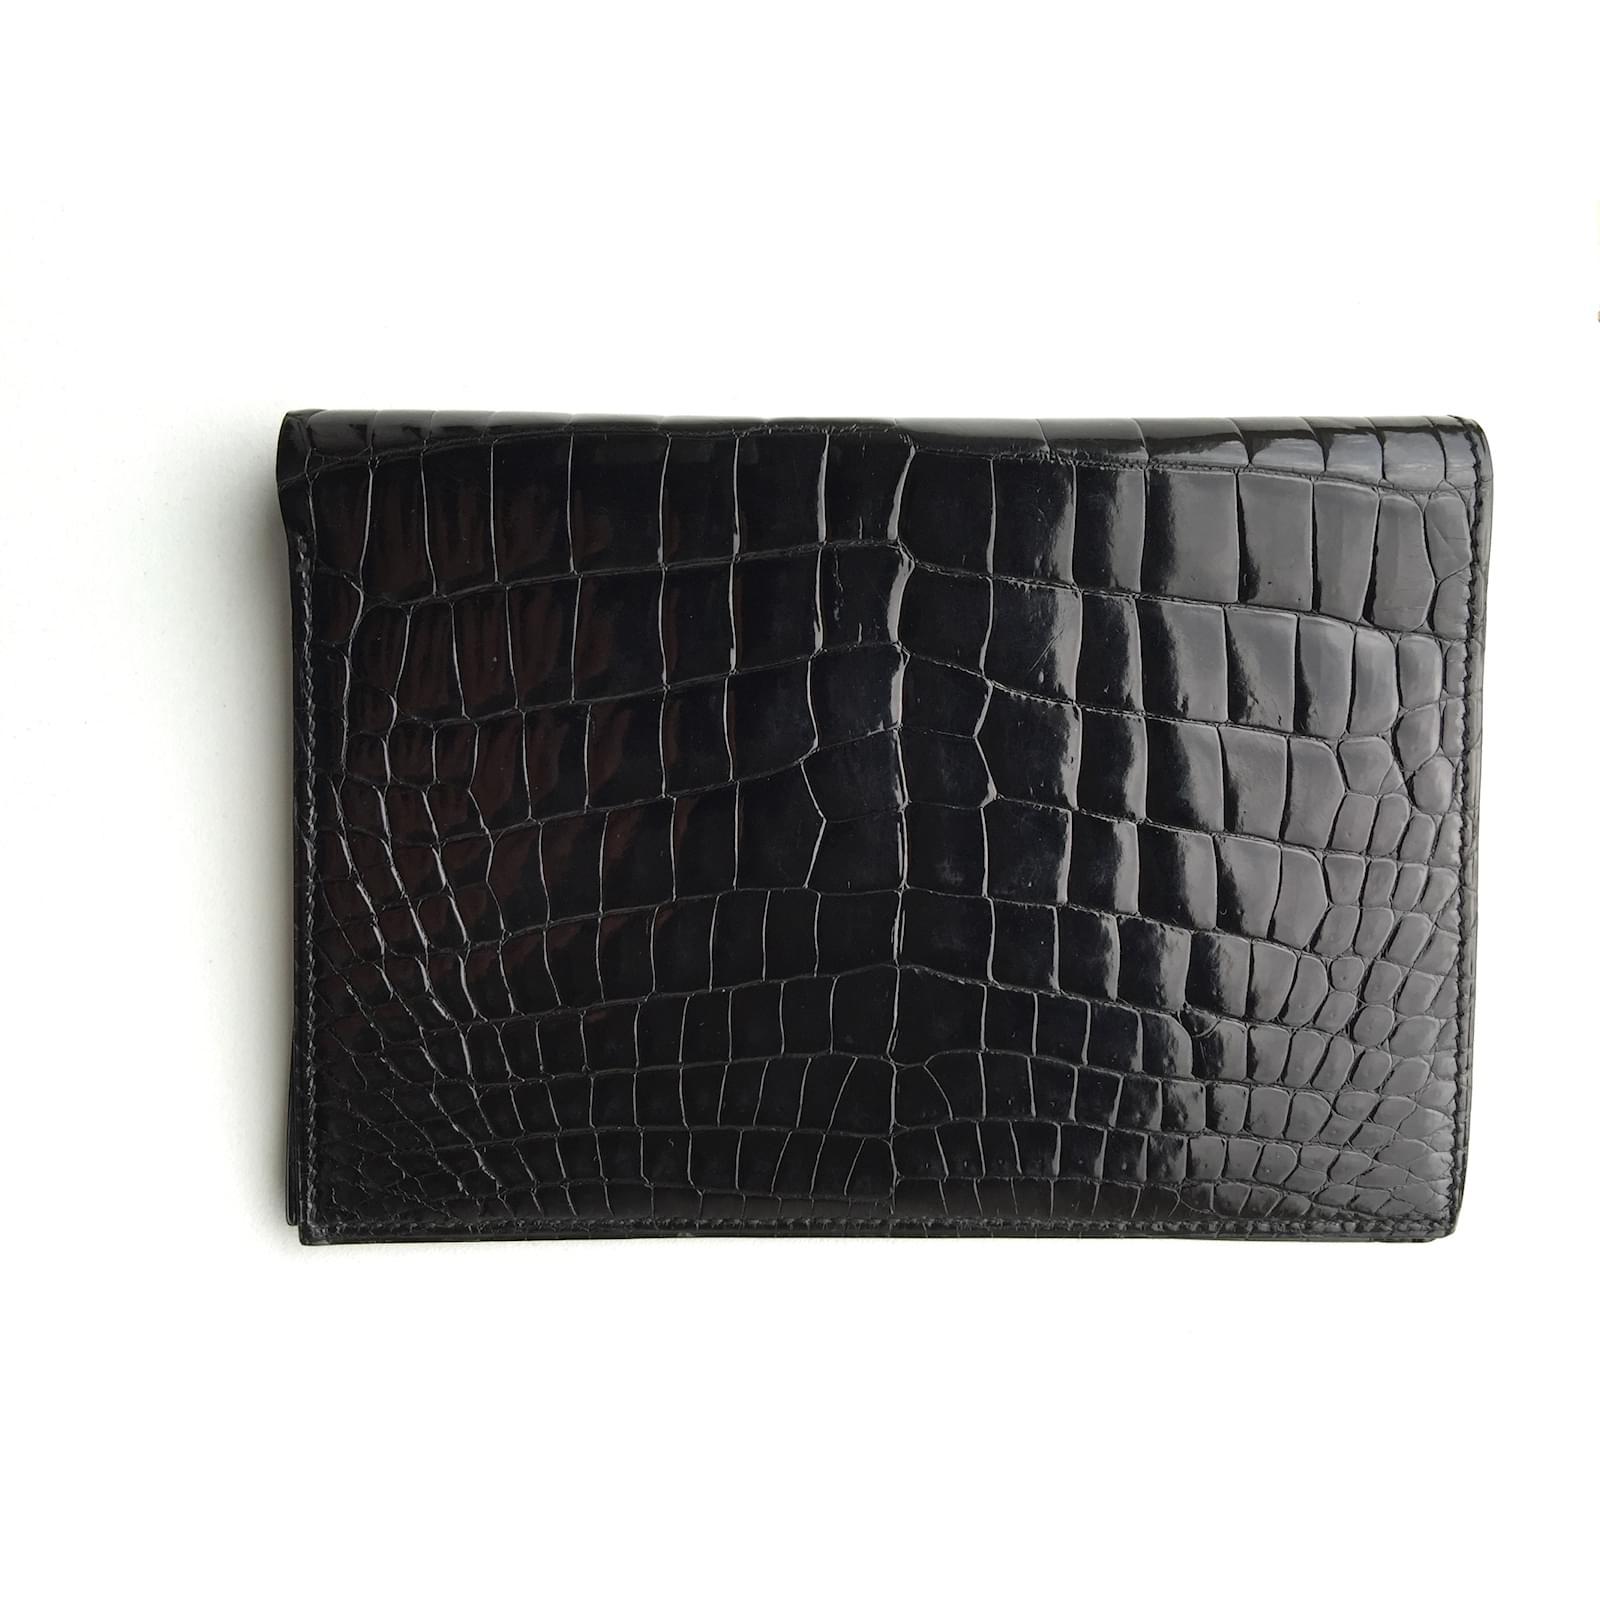 Petite maroquinerie homme Hermès Portefeuille Hermès Croco Noir Neuf Cuirs  exotiques Noir ref.21445 07eb4b8529c